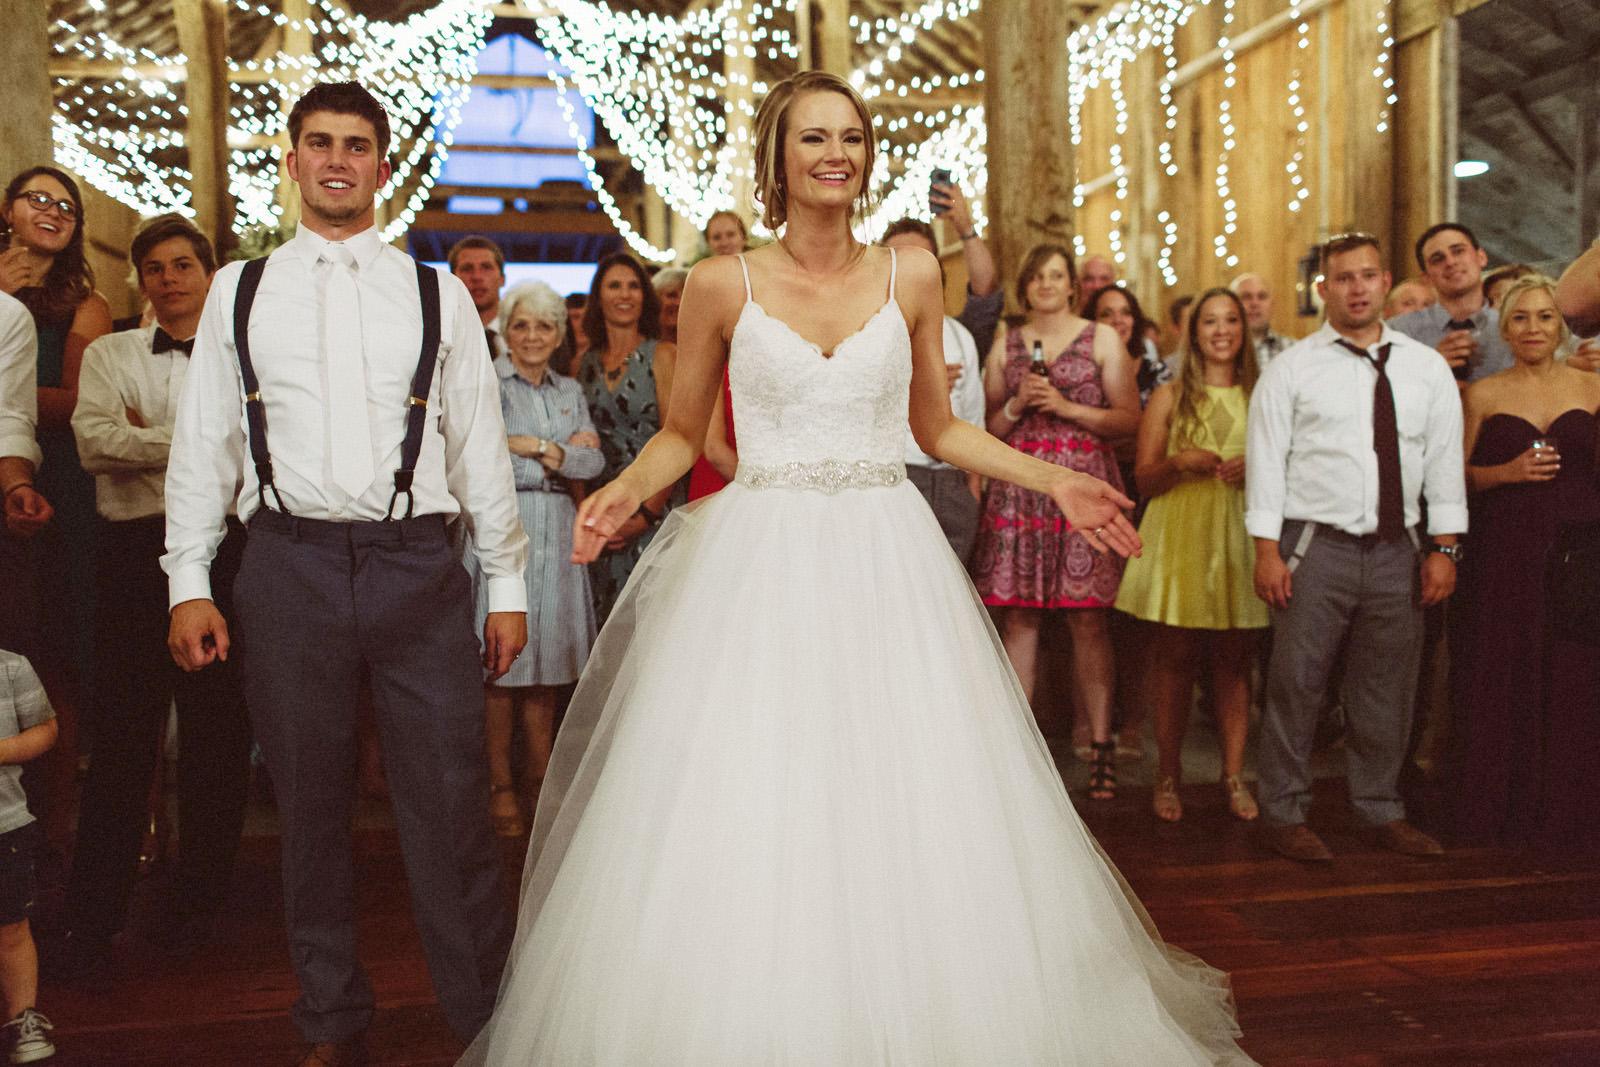 jacobregan-blog-51 SCHILLER FAMILY FARM WEDDING